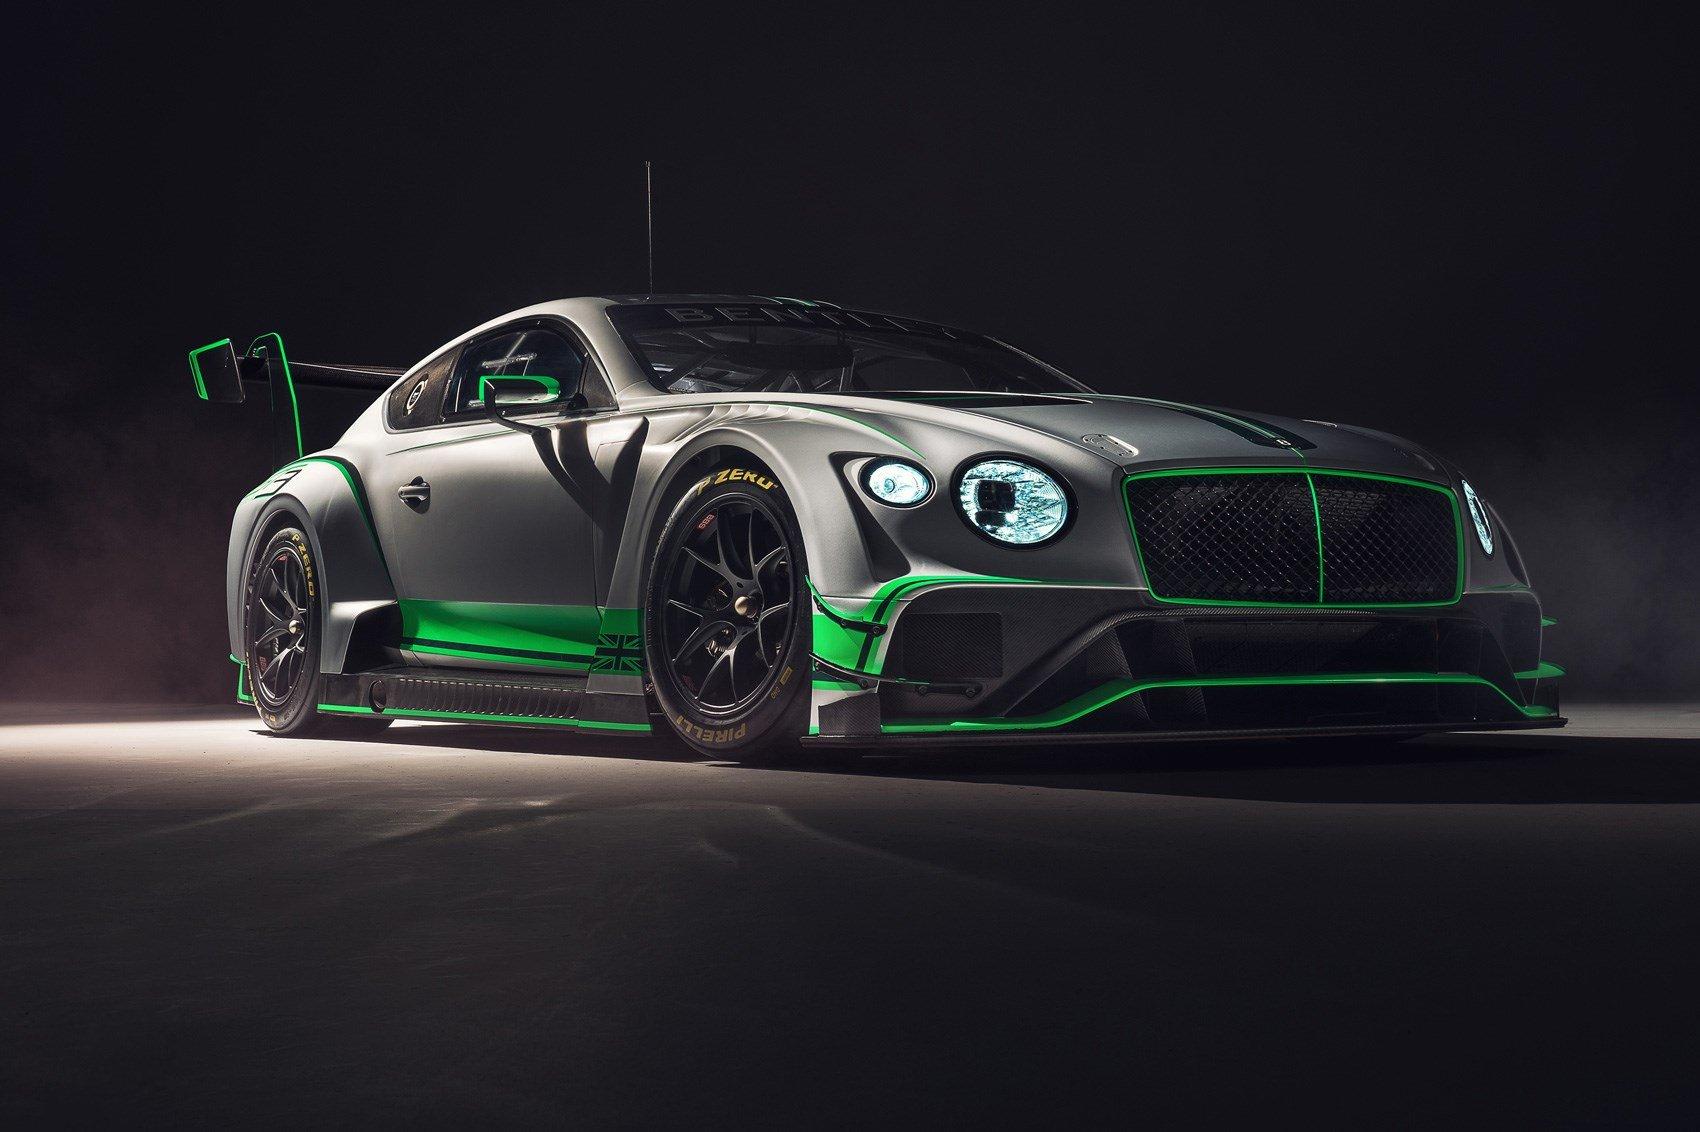 Вскоре дебютирует новое экстремальное купе Бентли континенталь GT3